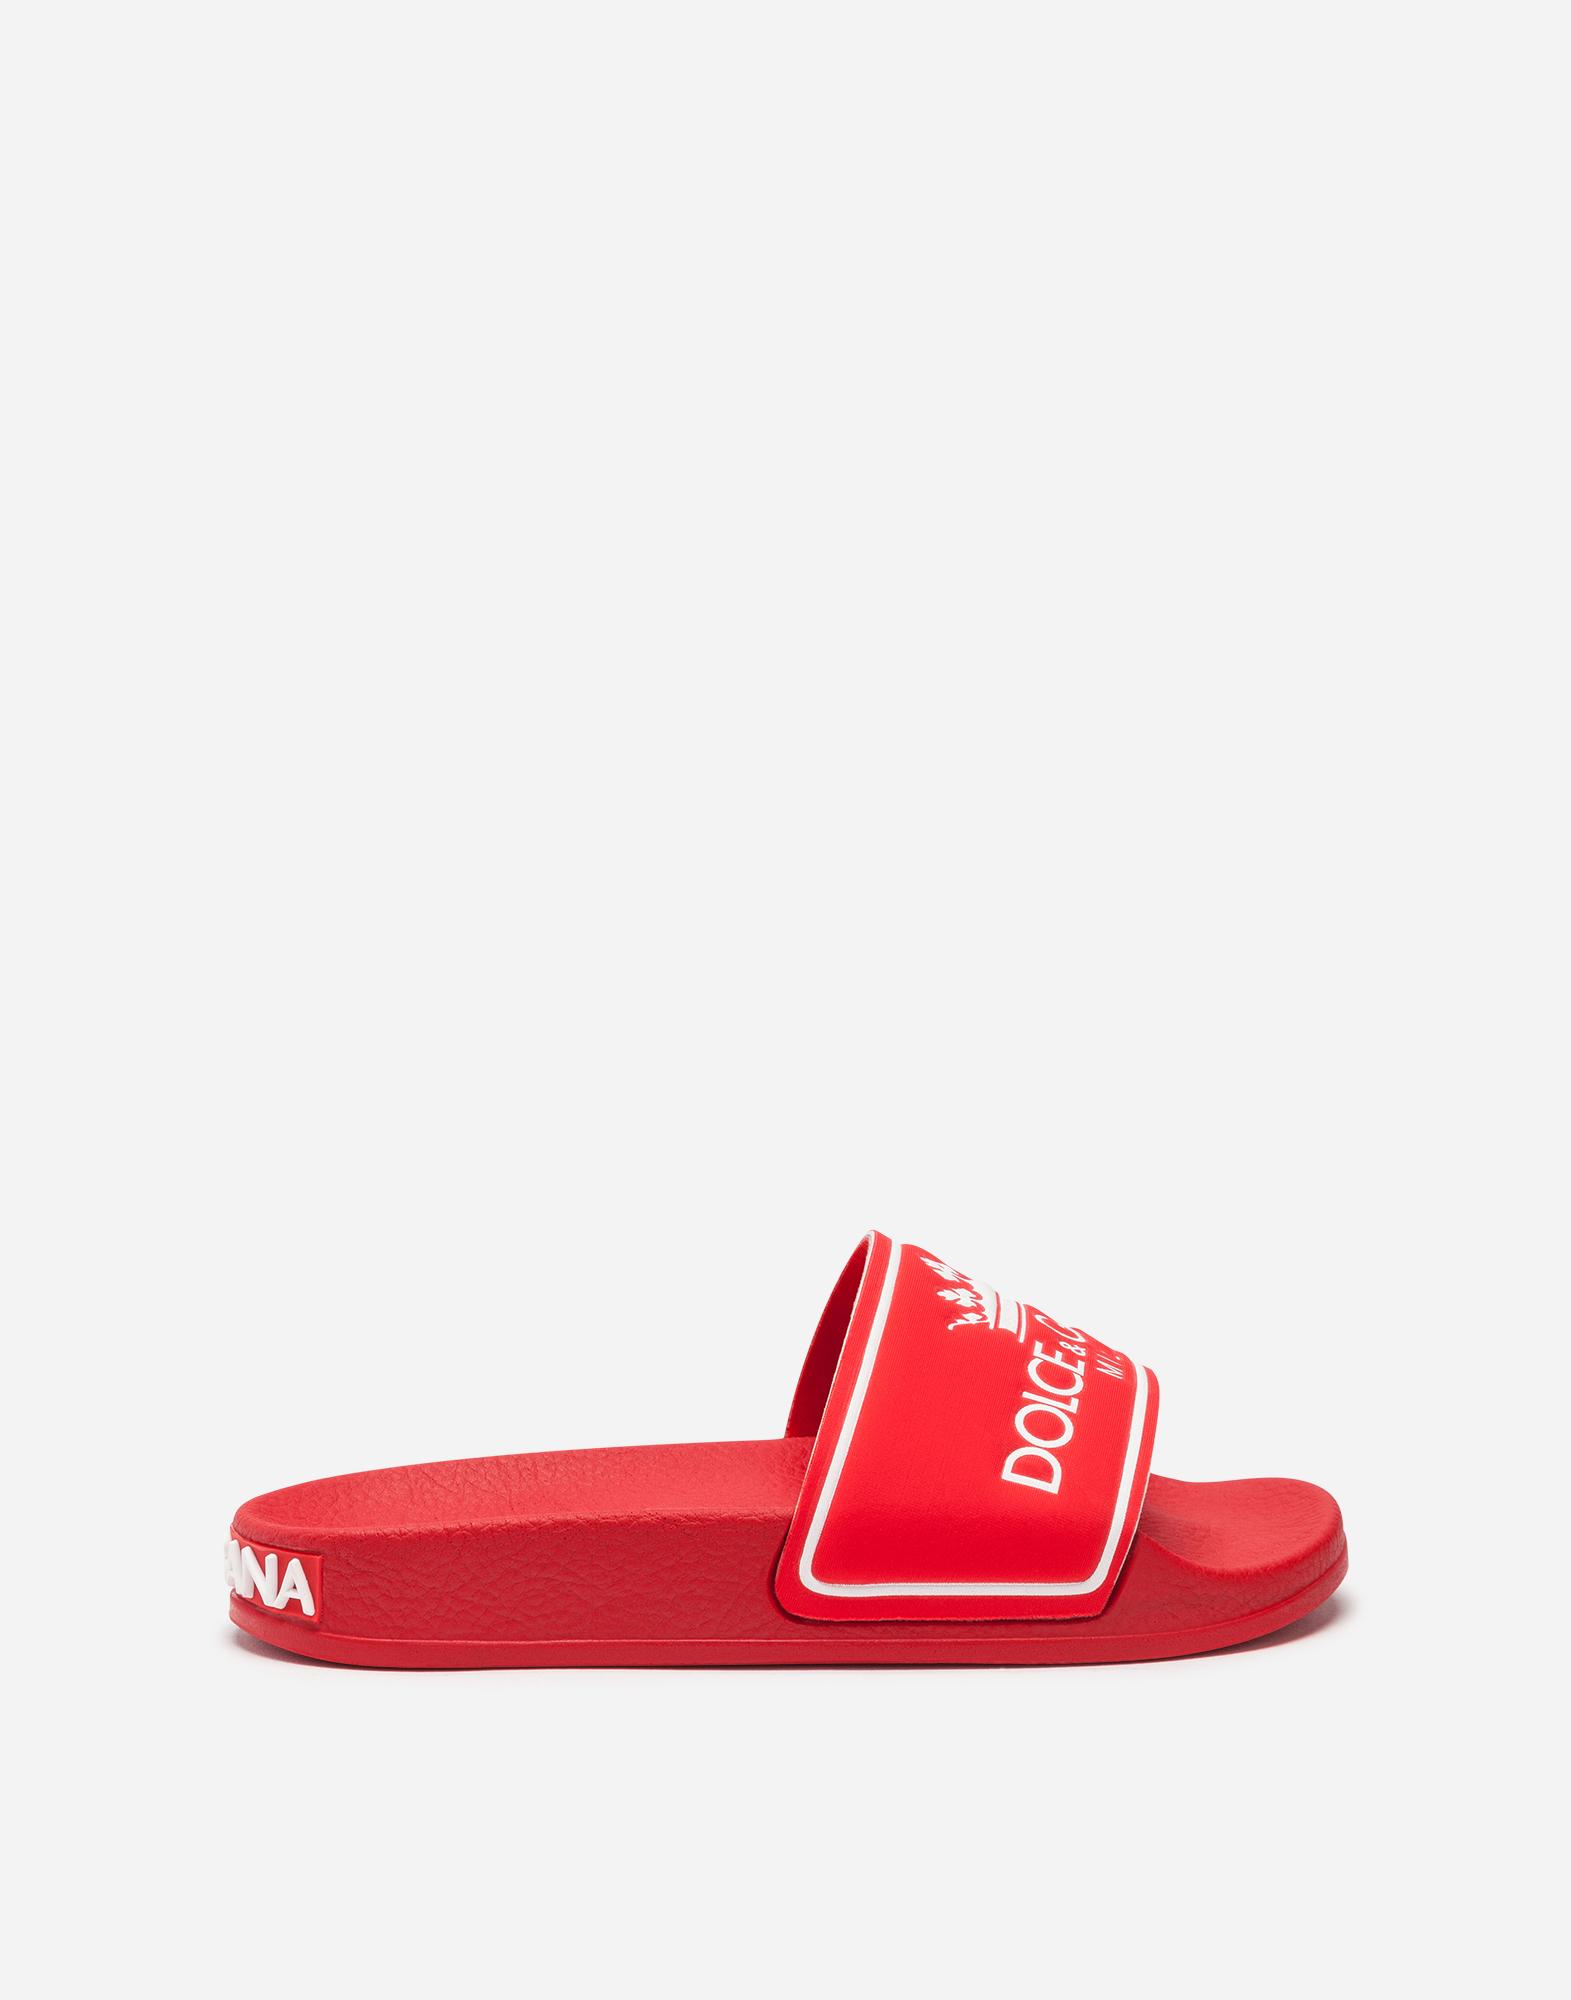 808b7f6e78 Zapatos para Niño 2-12 años | Dolce&Gabbana - SANDALIAS DE LICRA CON ...